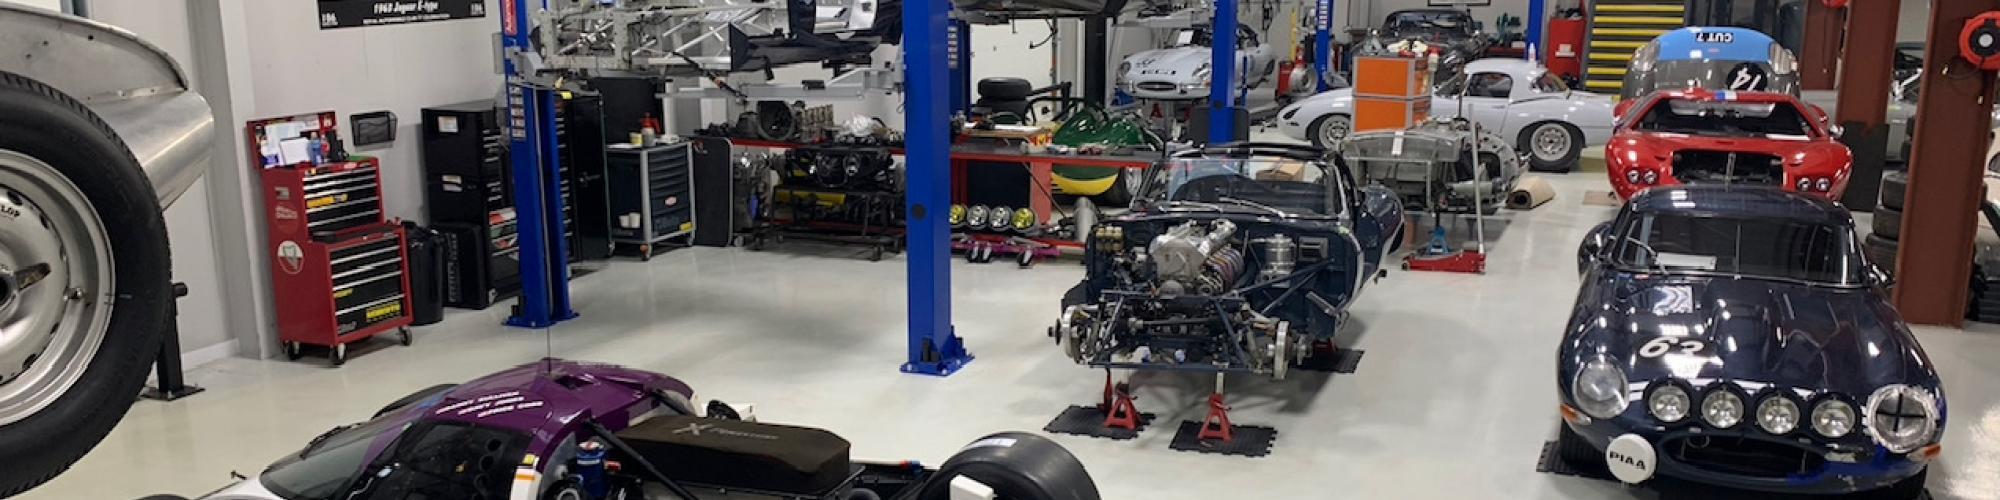 Valley Motorsport Ltd